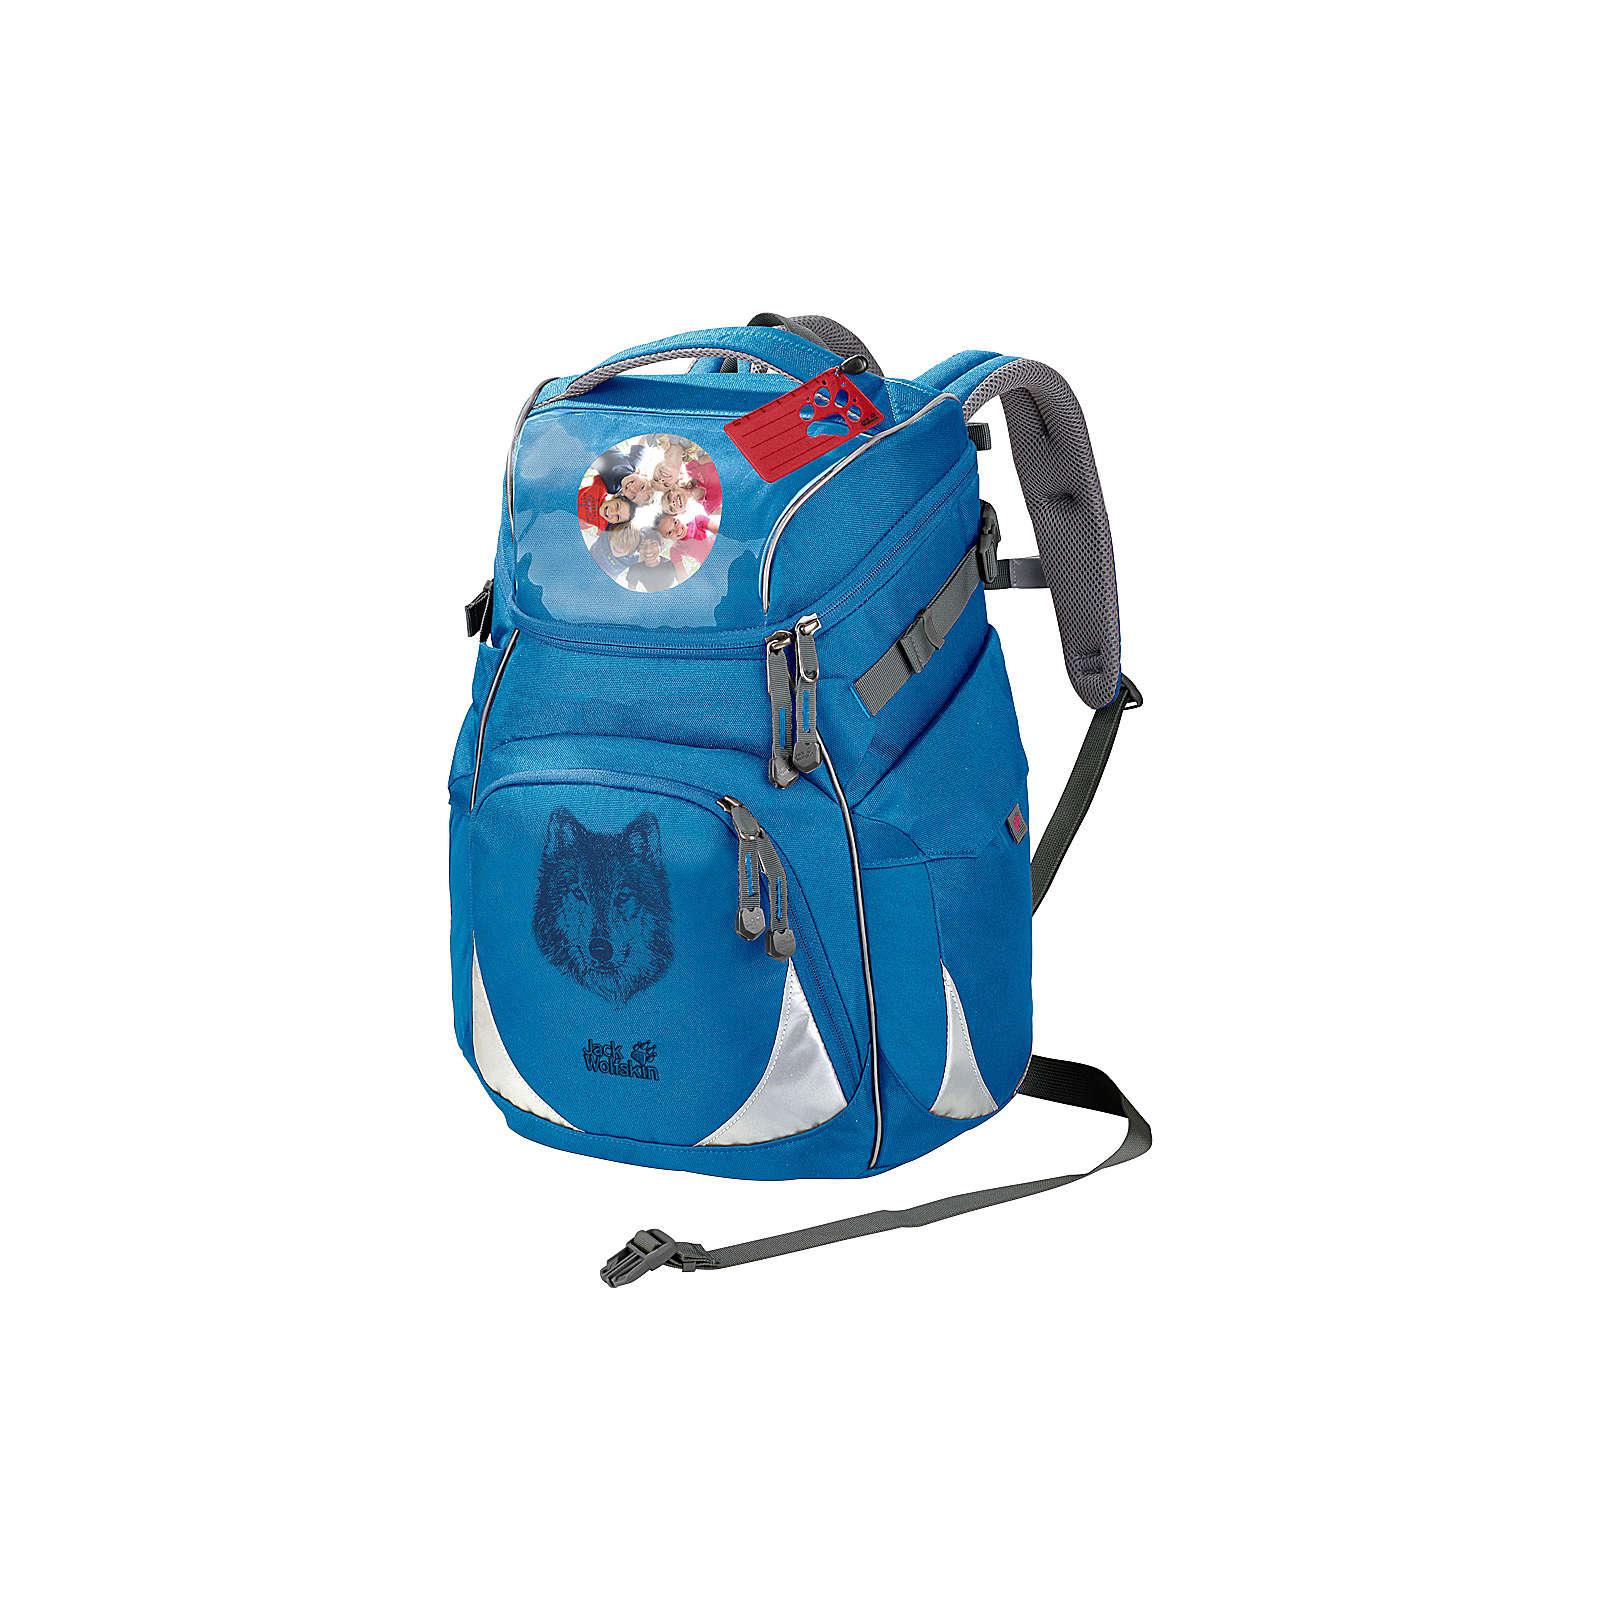 4c77da4d939ad JACK WOLFSKIN Schulrucksack CLASSMATE für Jungen 16L hellblau Junge.  Hersteller  JACK WOLFSKIN   EAN-Nummer  4060477106151